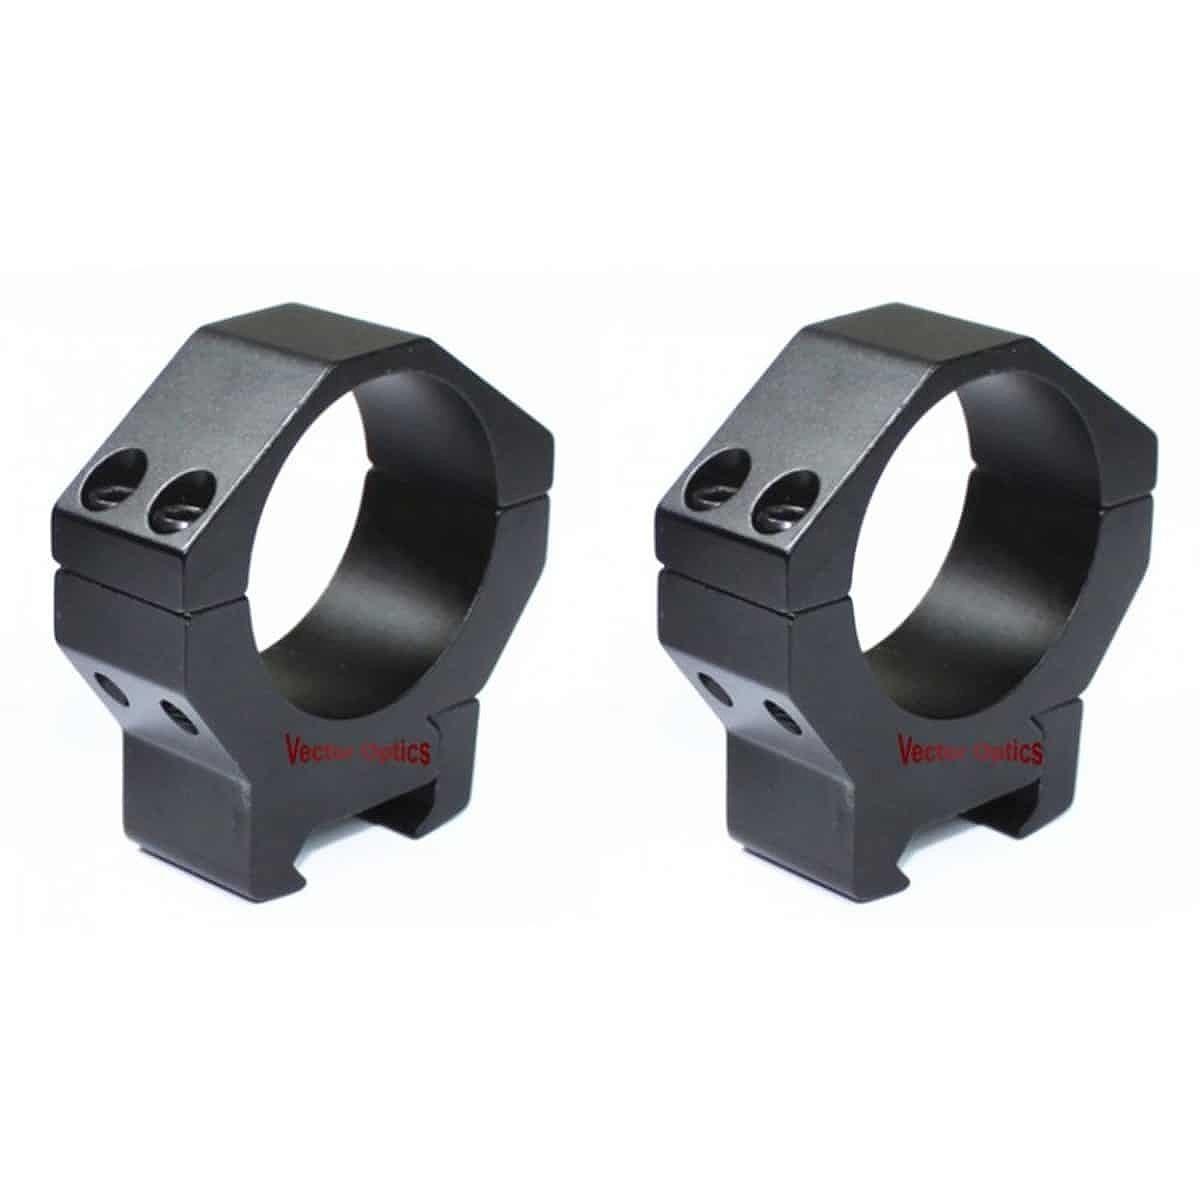 ベクターオプティクス スコープマウント 35mm Low ProfilePicatinny Rings  Vector Optics SCTM-23A